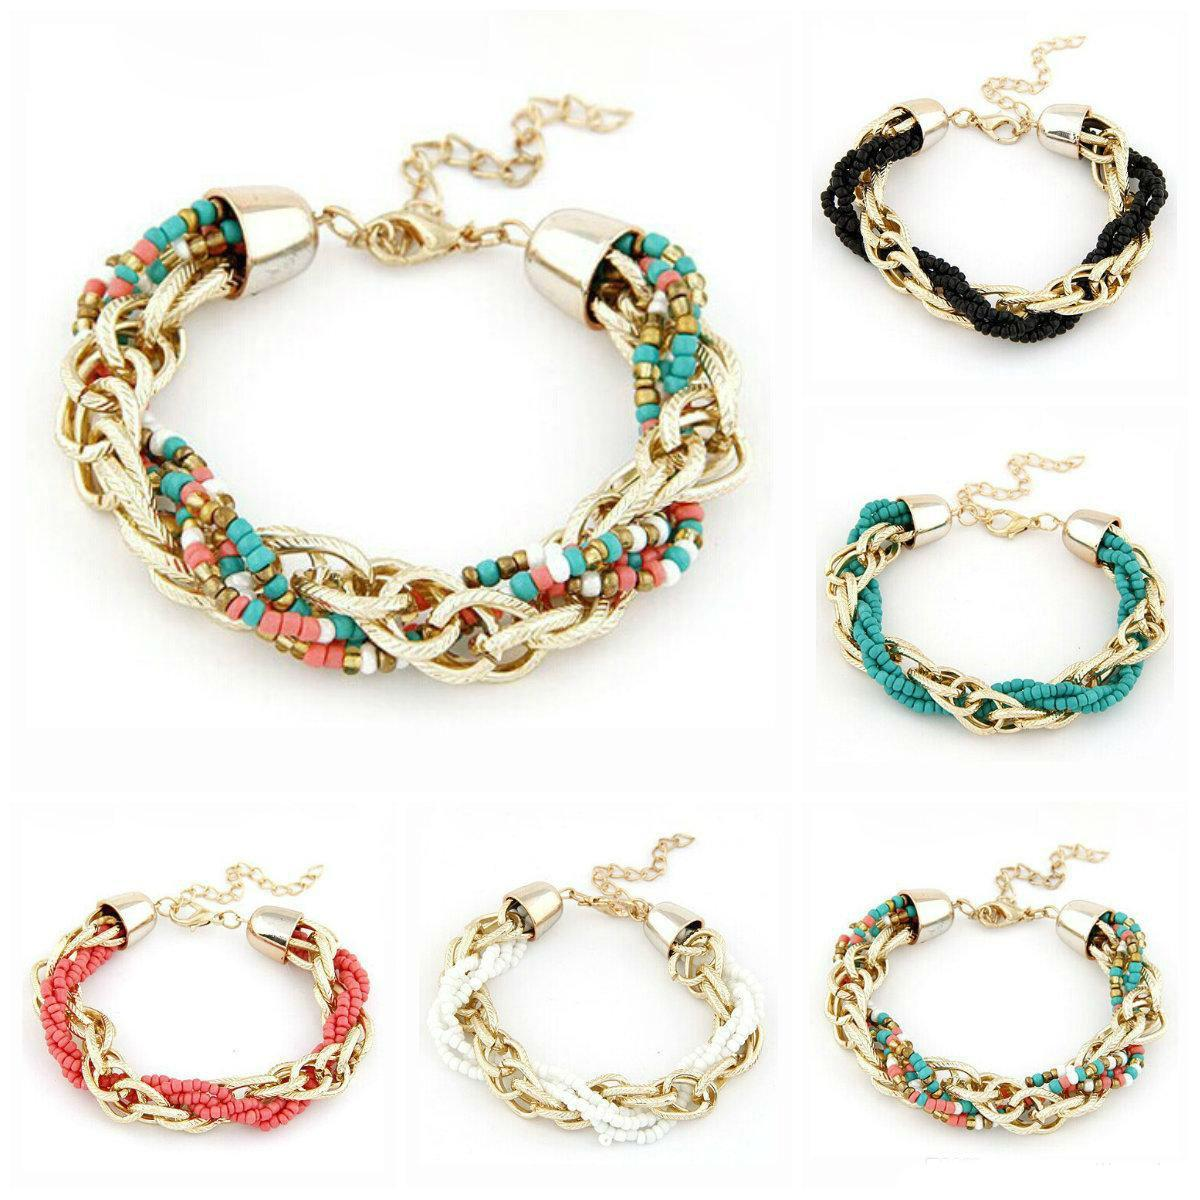 Braccialetti con ciondoli Bracciale con ciondolo a forma di perline fatto a mano in puro Boemia retrò per donna Braccialetti con perline di gioielli di moda multicolore